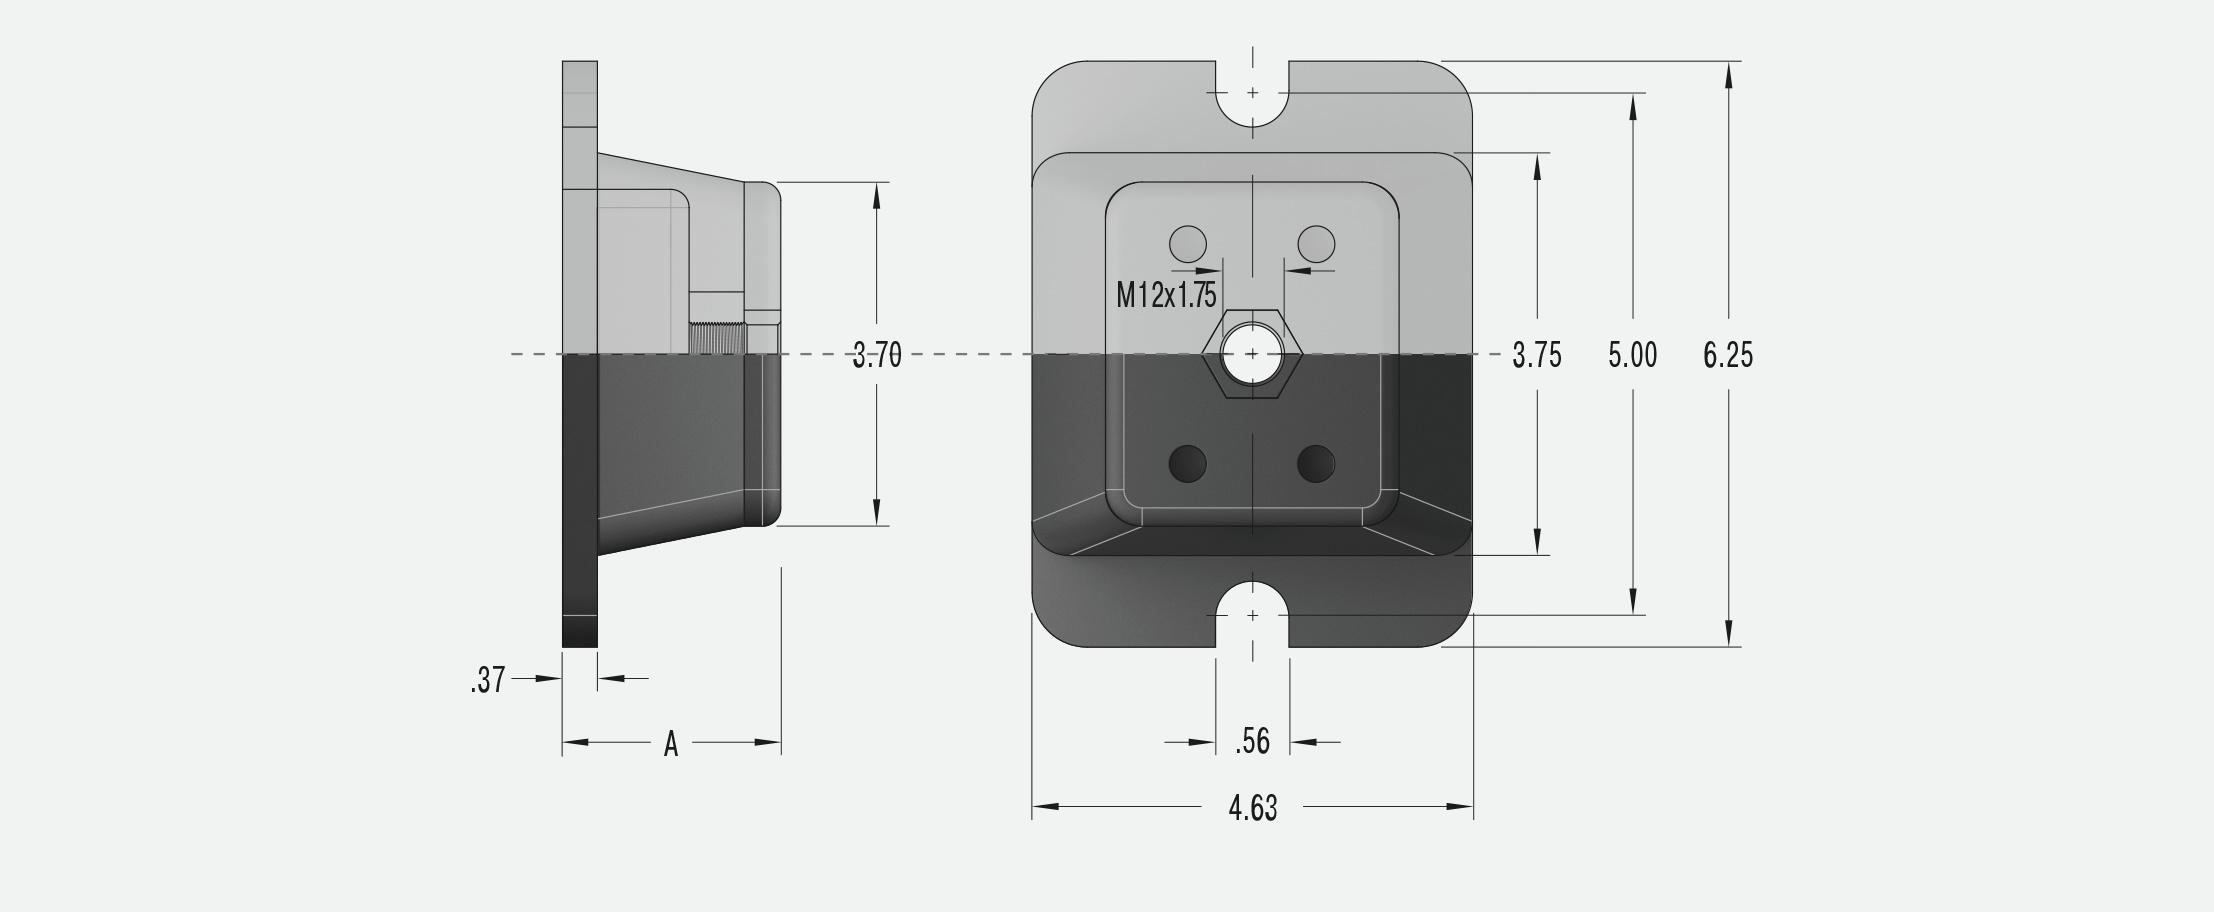 COM-52562